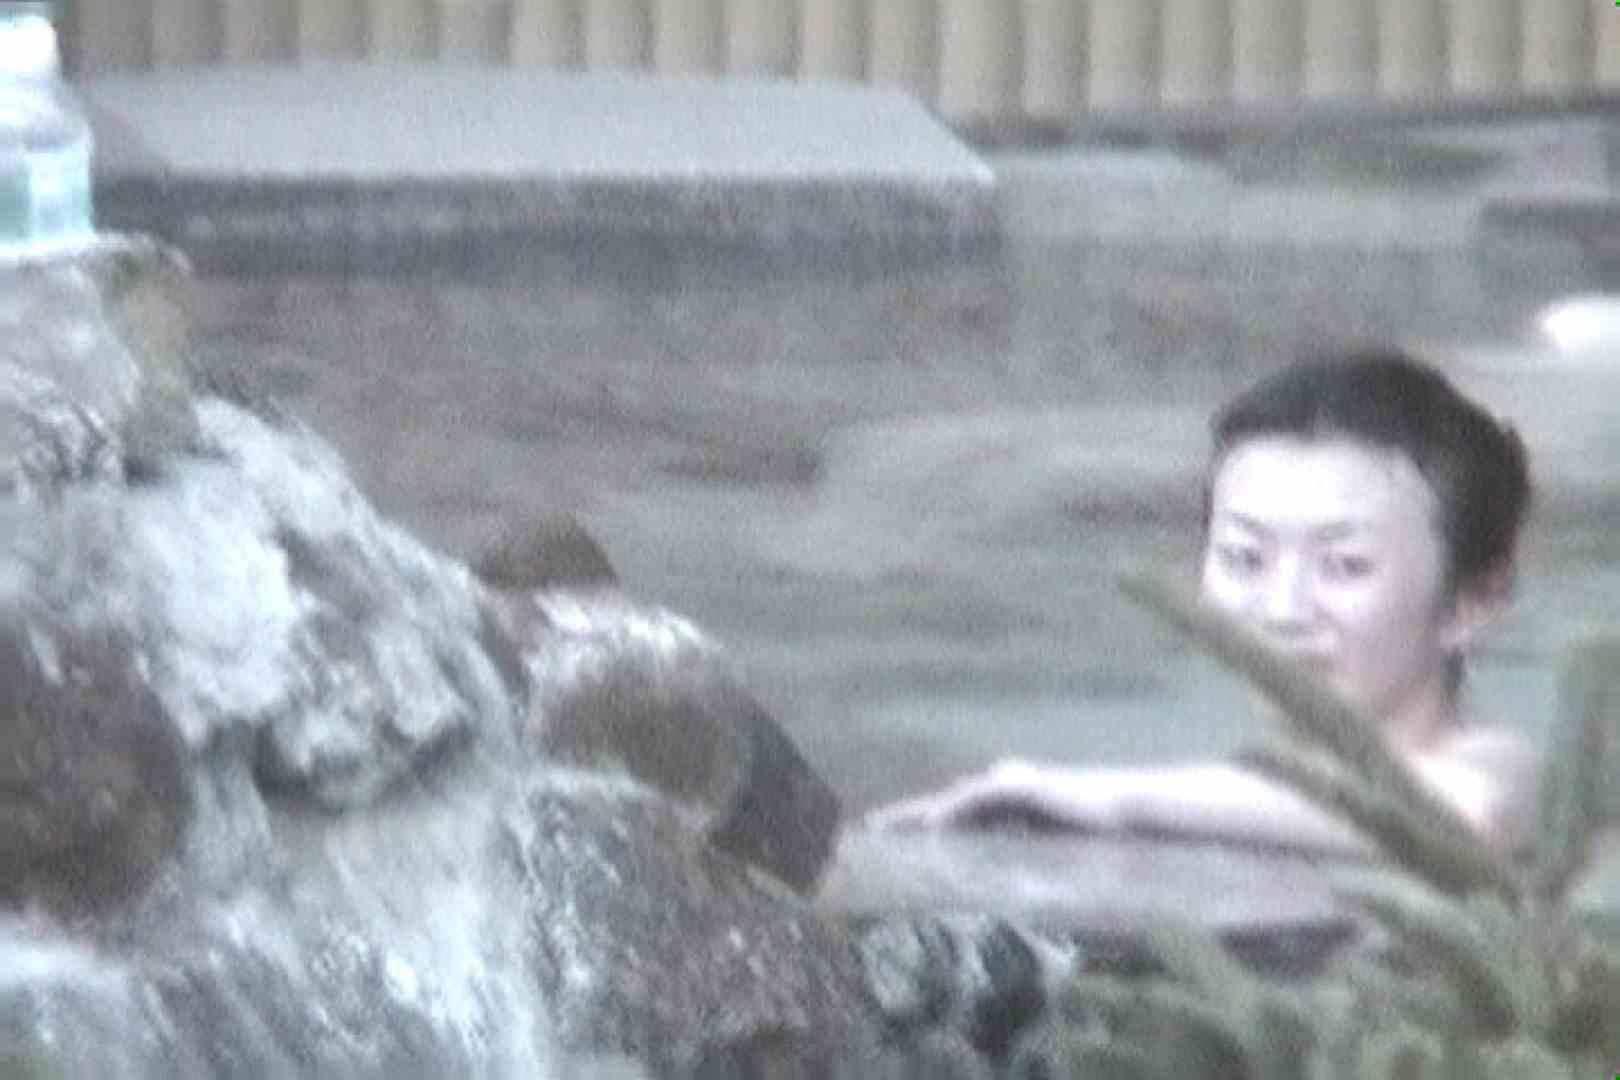 Aquaな露天風呂Vol.561 OLセックス のぞき動画画像 75画像 2